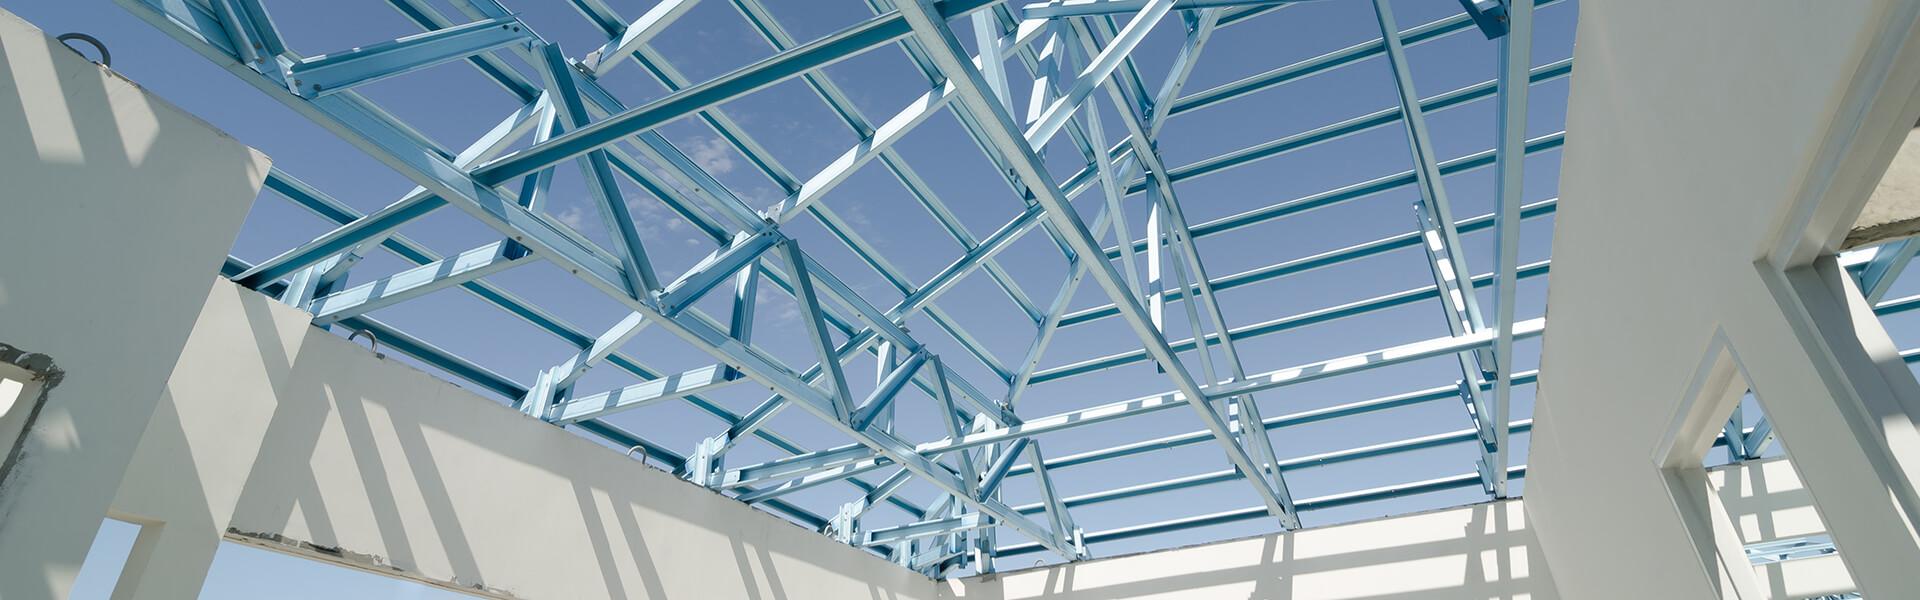 Estrutura de telhado em Light Steel Frame